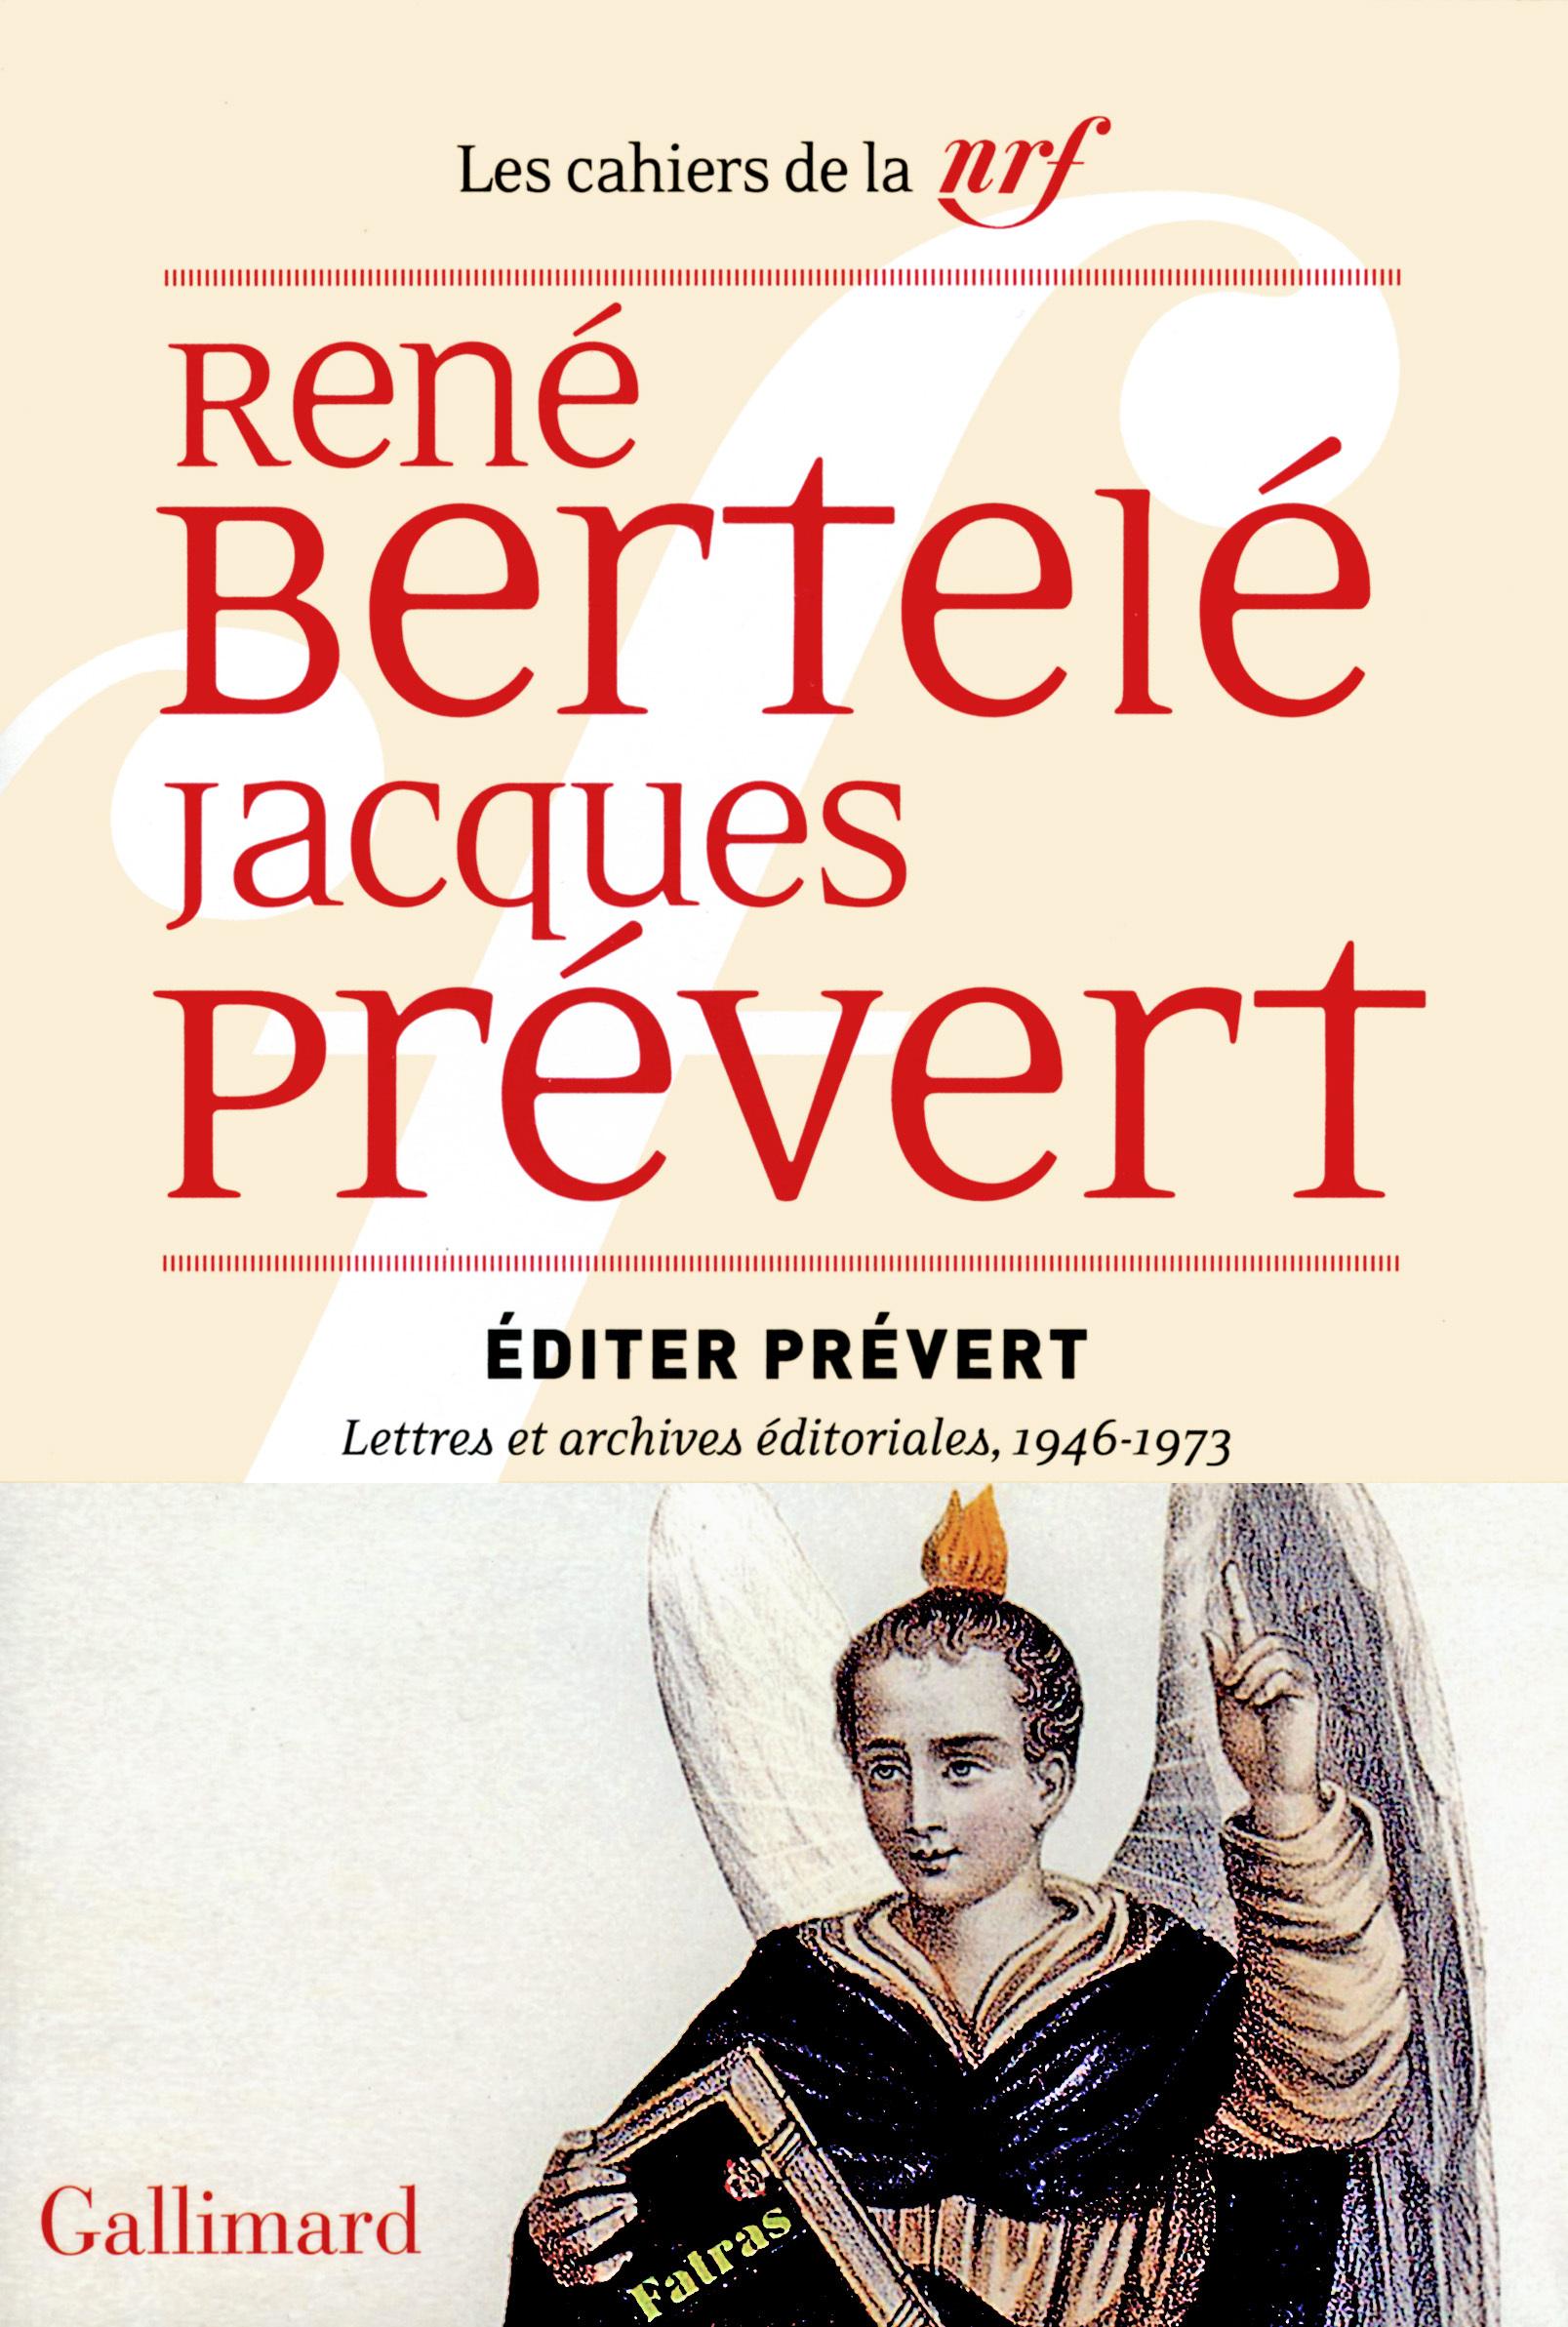 EDITER PREVERT